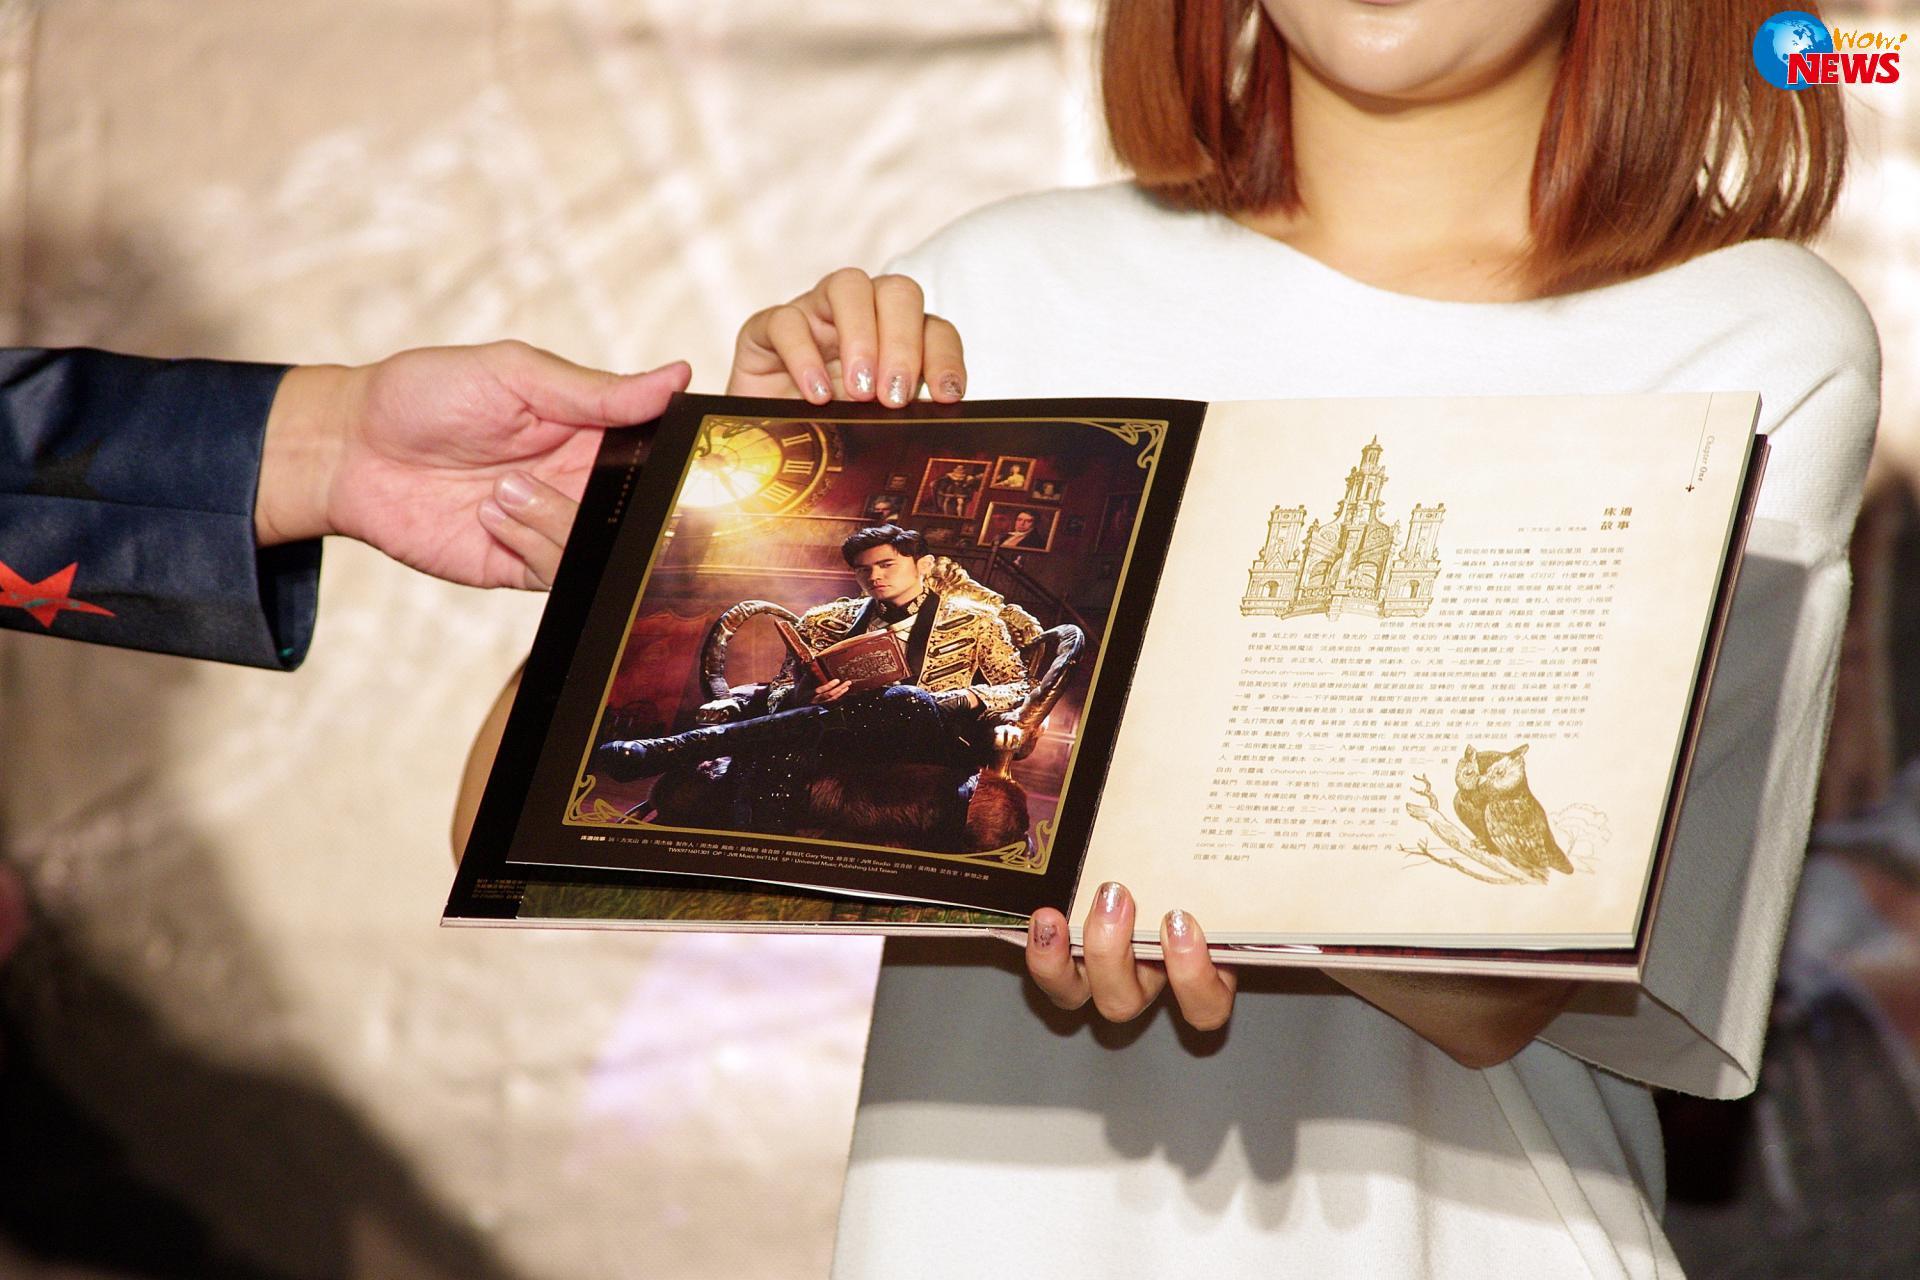 ジェイ・チョウ 周杰倫 Jay Chou【総合】5 [無断転載禁止]©2ch.netYouTube動画>40本 ->画像>140枚